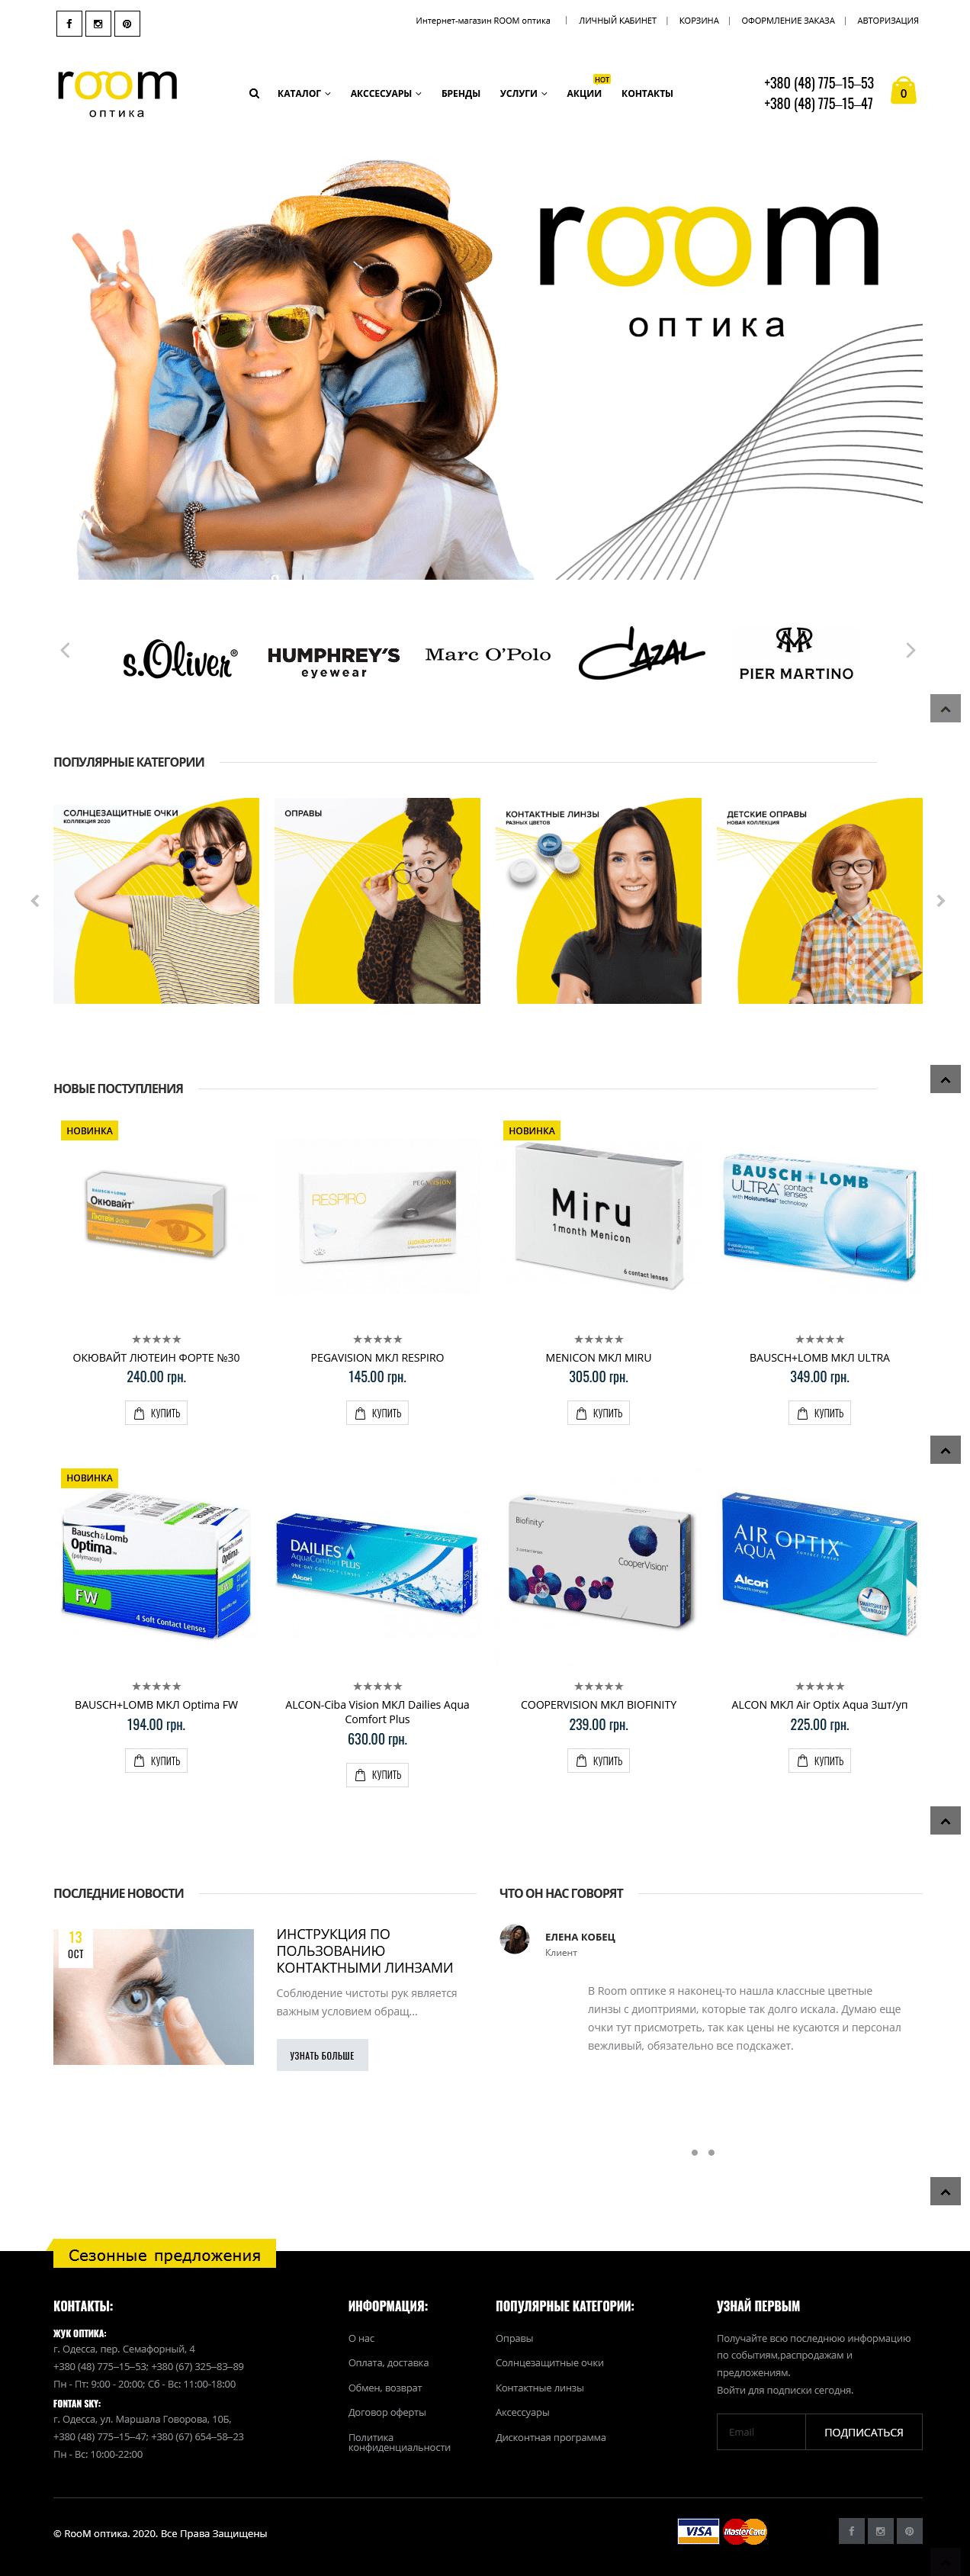 Создание интернет-магазина Одесса